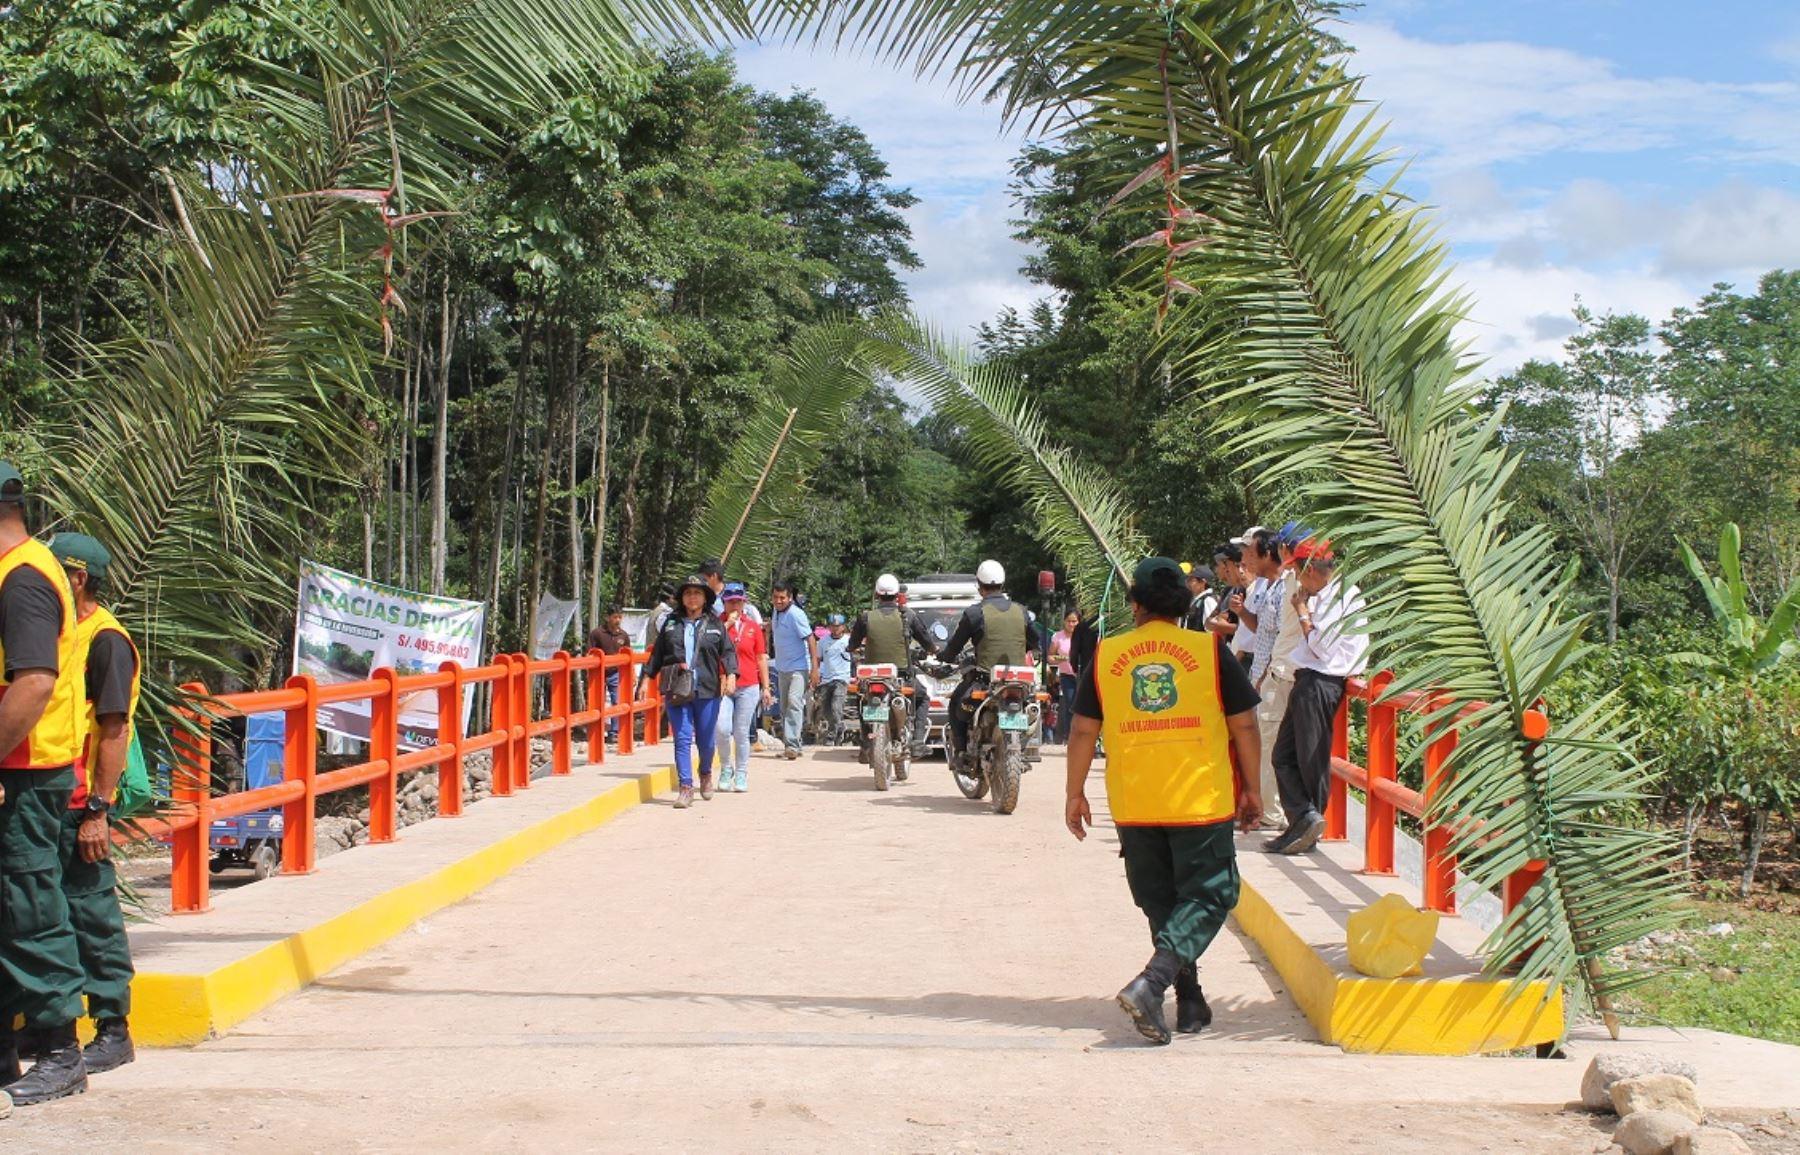 El puente es una estructura de concreto con dos carriles y una longitud de 16 metros.